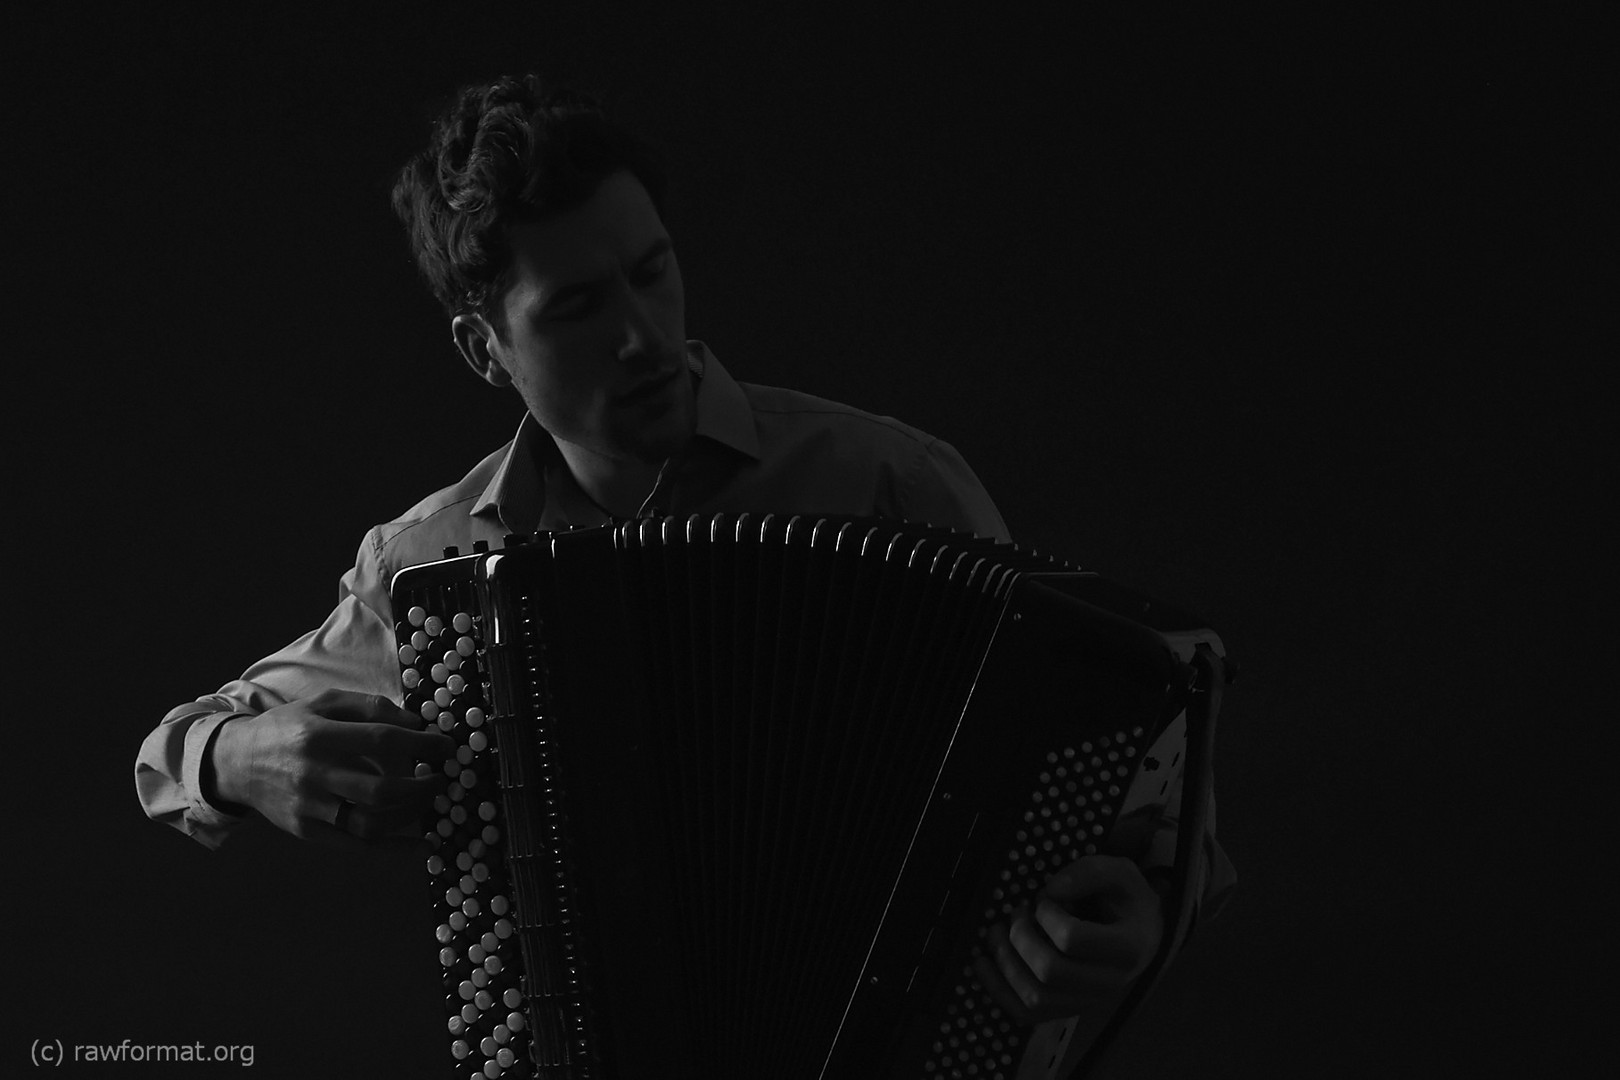 music by Stefan Kollmann